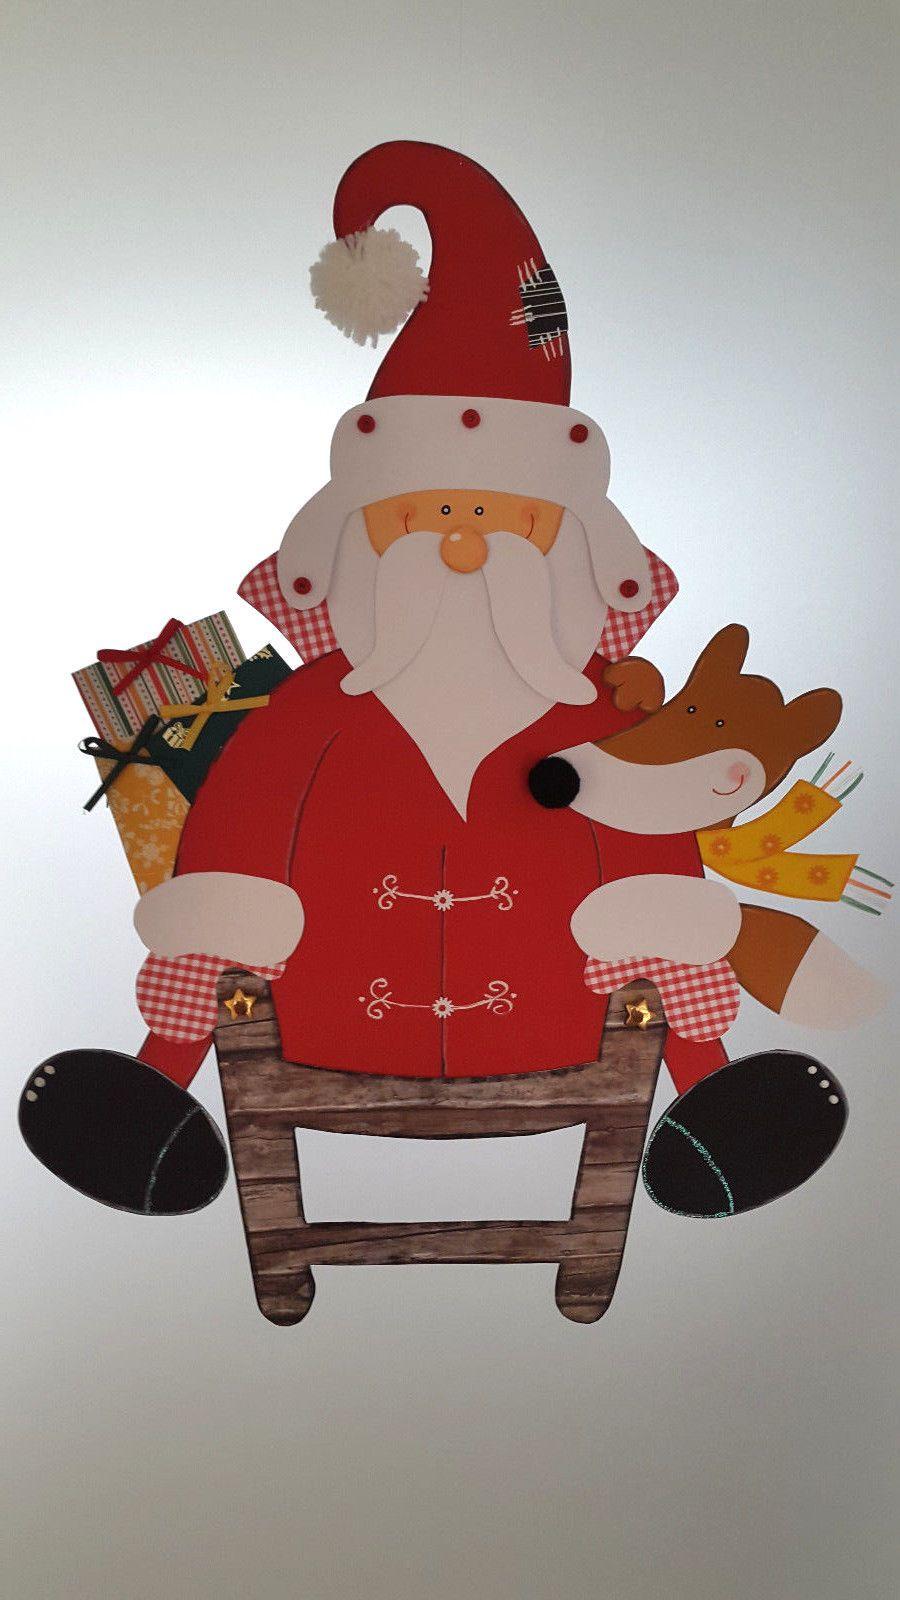 fensterbild weihnachtsmann mit schlitten weihnachten. Black Bedroom Furniture Sets. Home Design Ideas